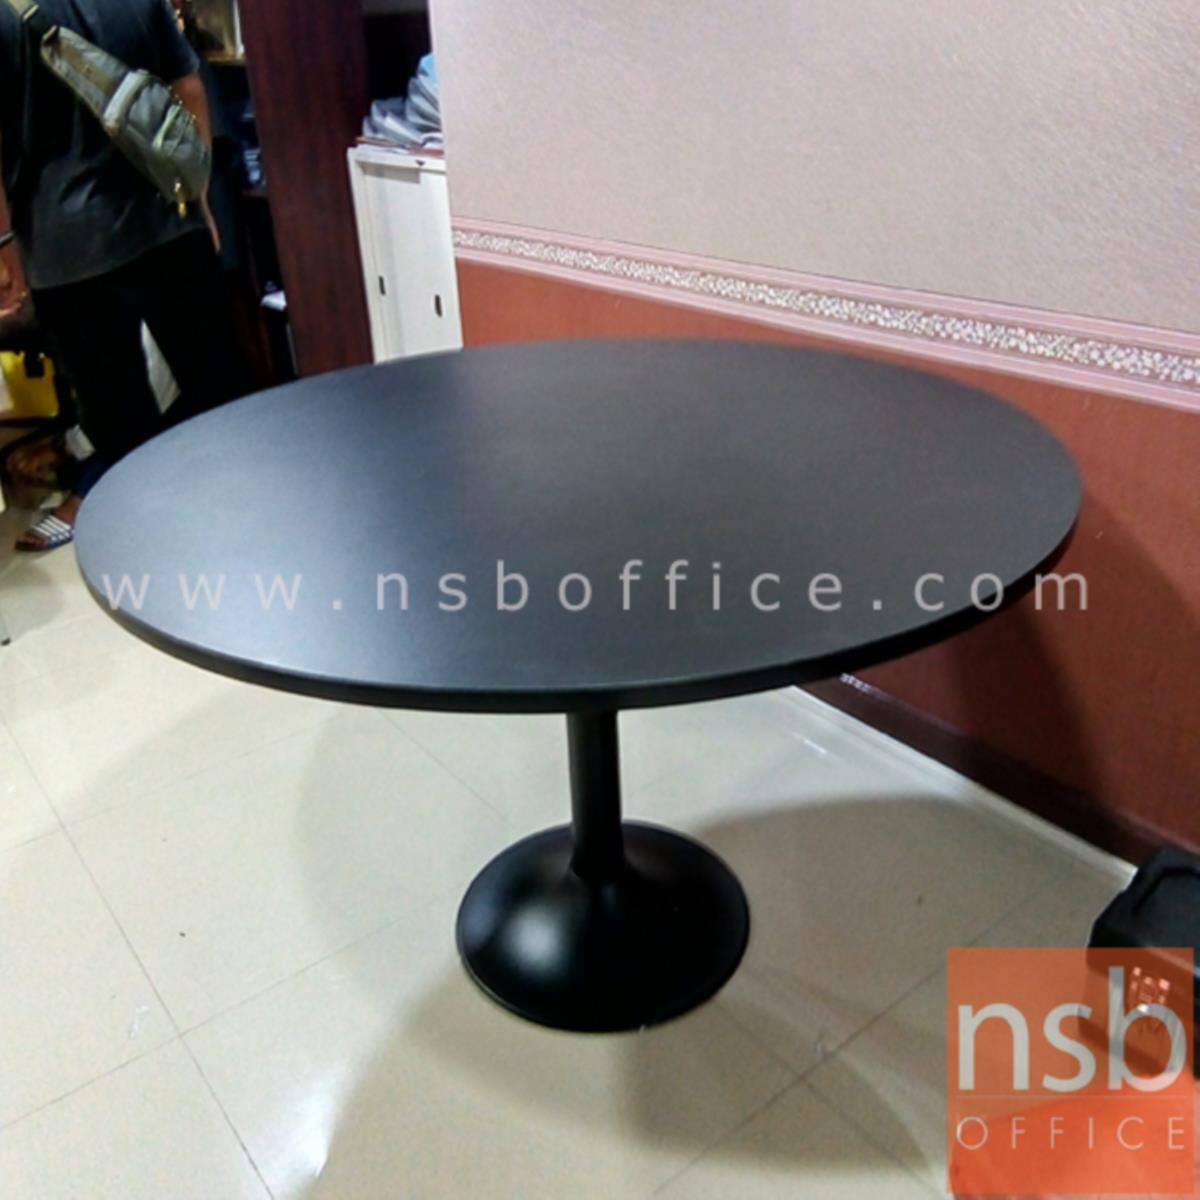 โต๊ะประชุมทรงวงกลม  3 ,4 ที่นั่ง ขนาด 90Di ,120Di cm.  ขาเหล็กฐานกลมดำ